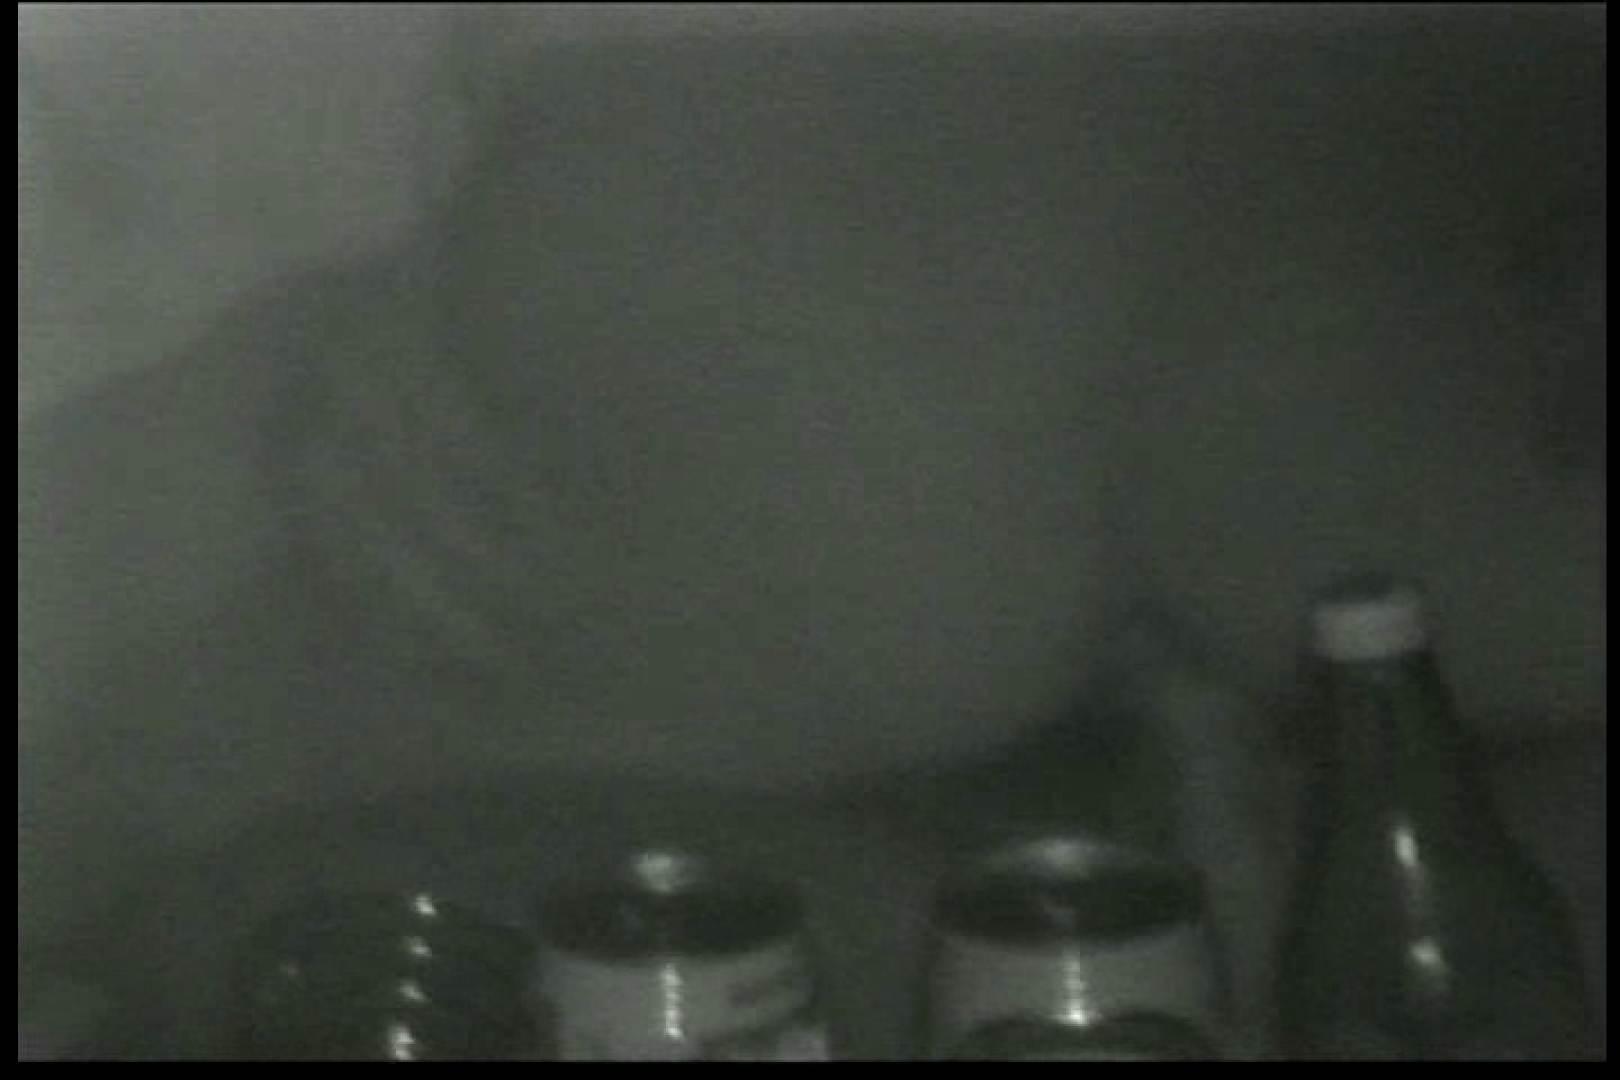 車の中はラブホテル 無修正版  Vol.12 OLの実態 盗撮ワレメ無修正動画無料 35pic 34